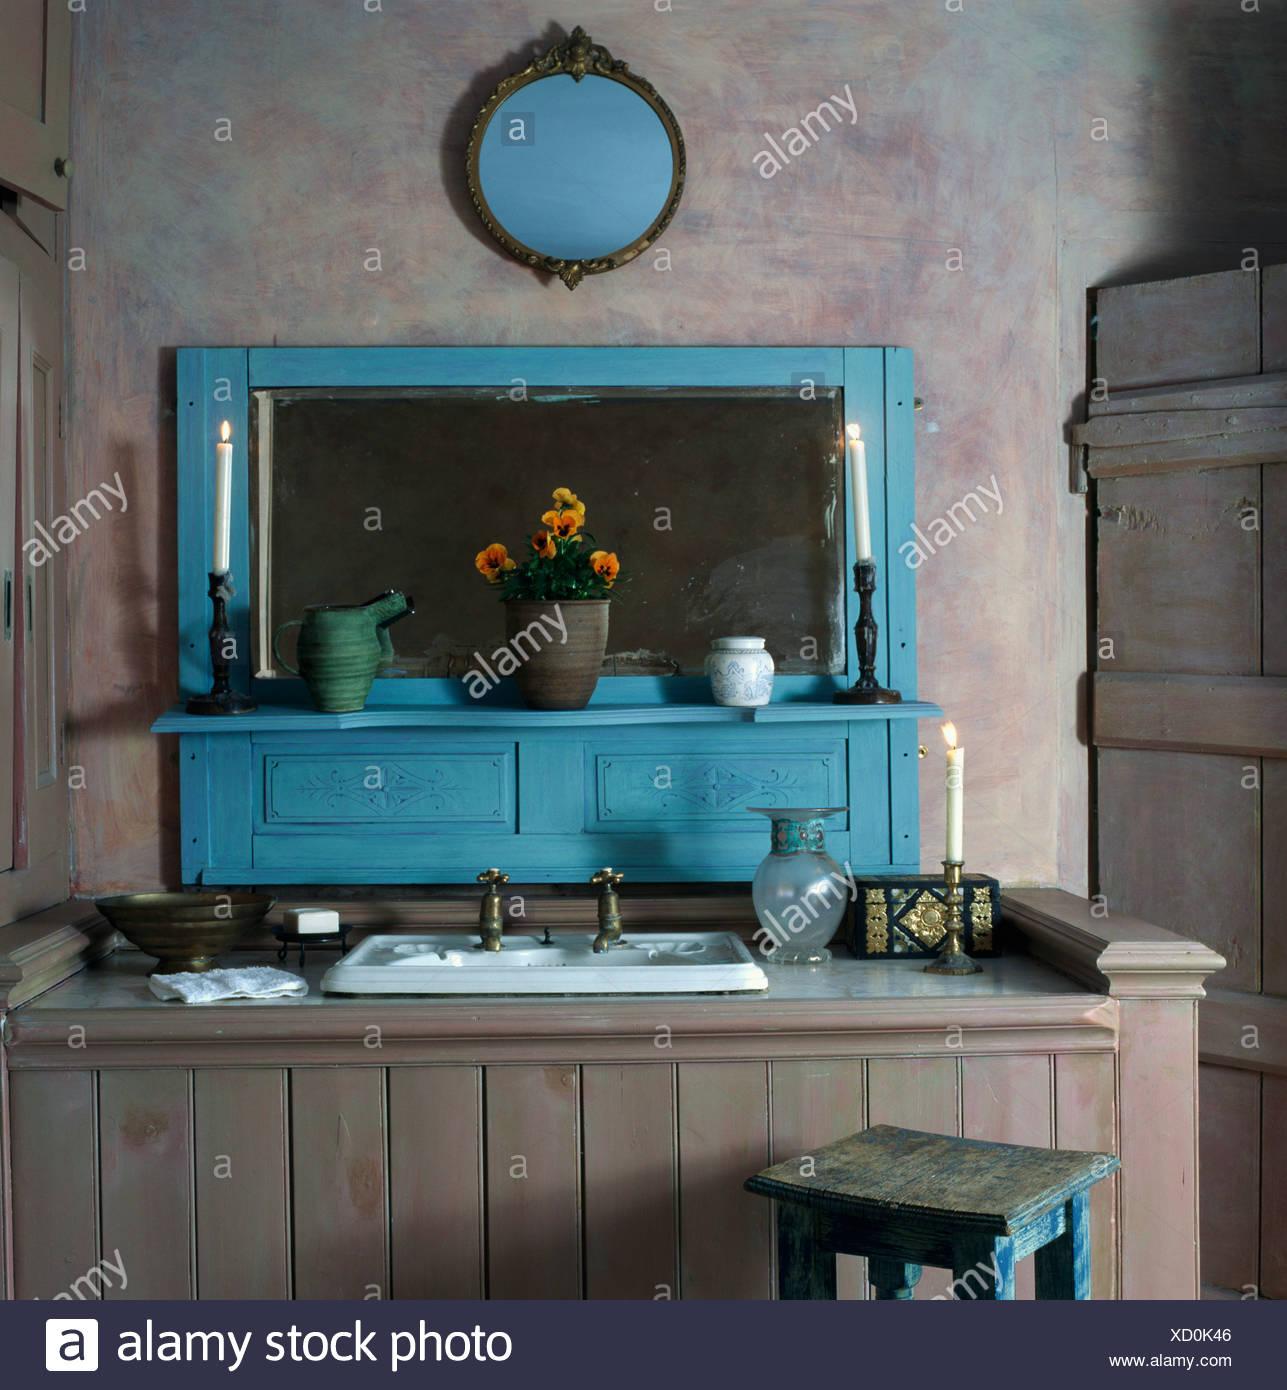 Becken in grau Lime gewaschen getäfelten Waschtischunterbau in blass ...